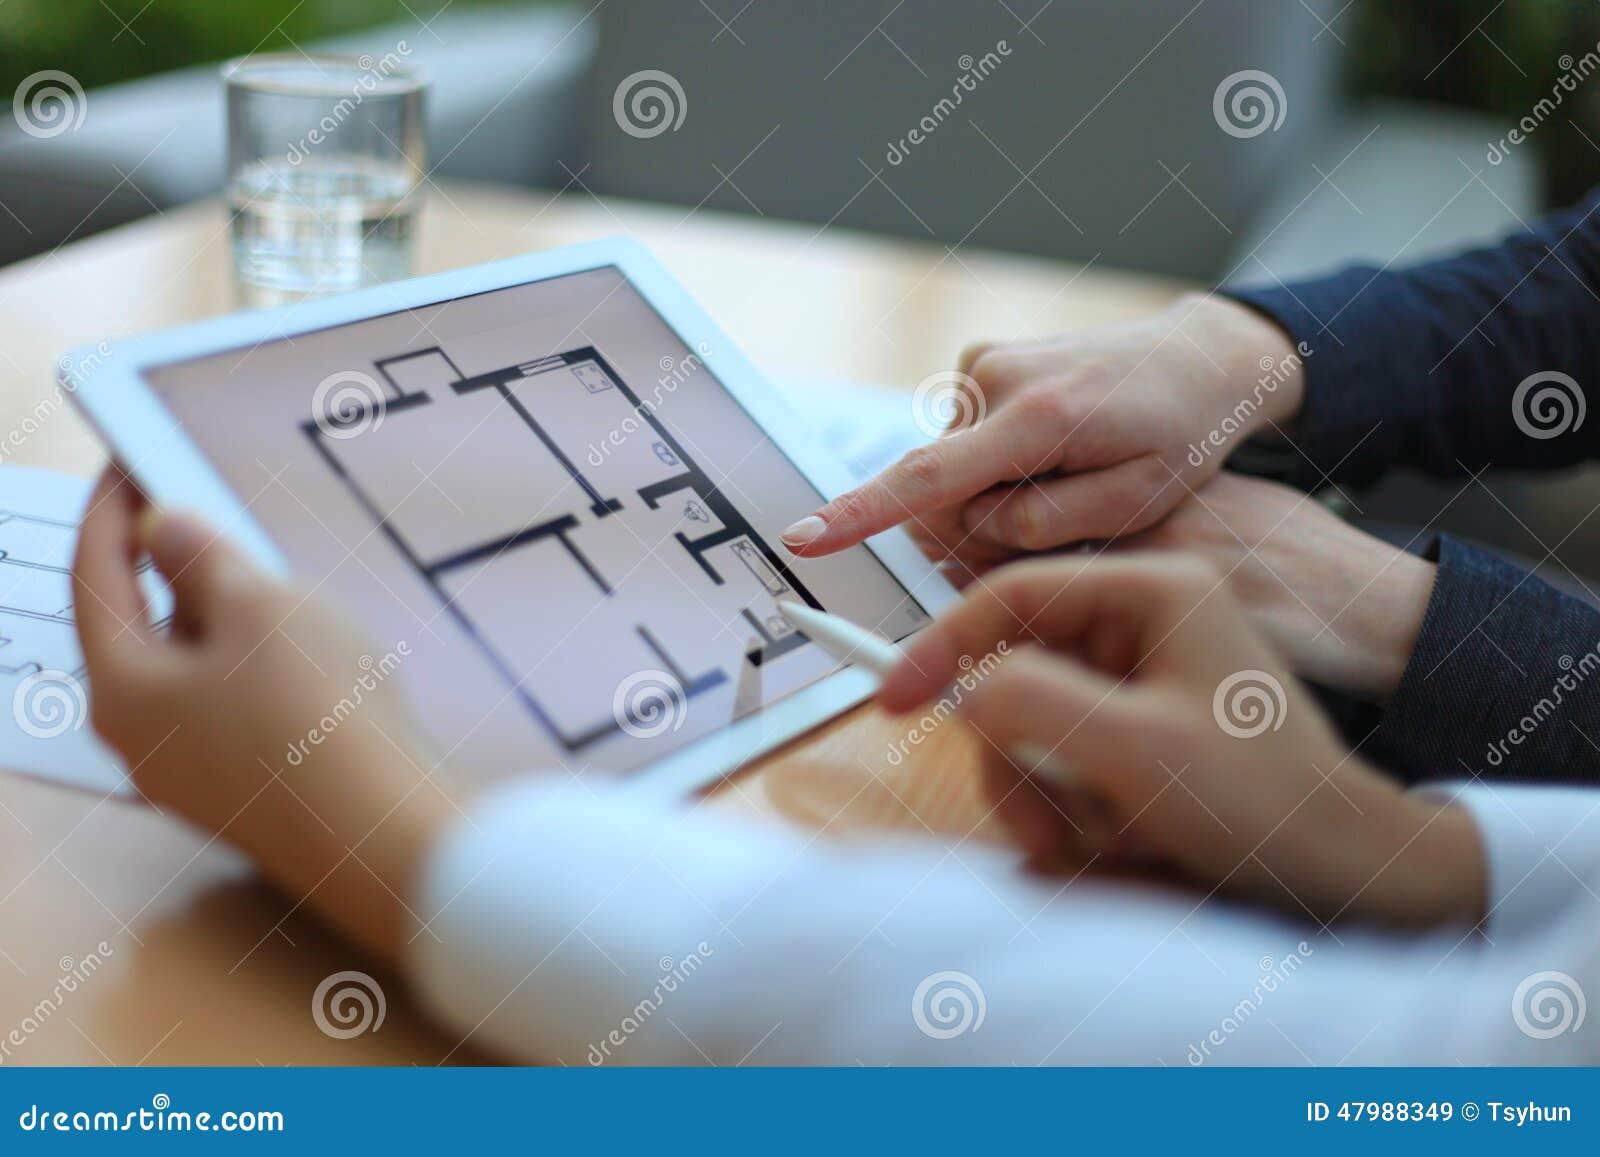 Makelaar in onroerend goed die huisplannen tonen